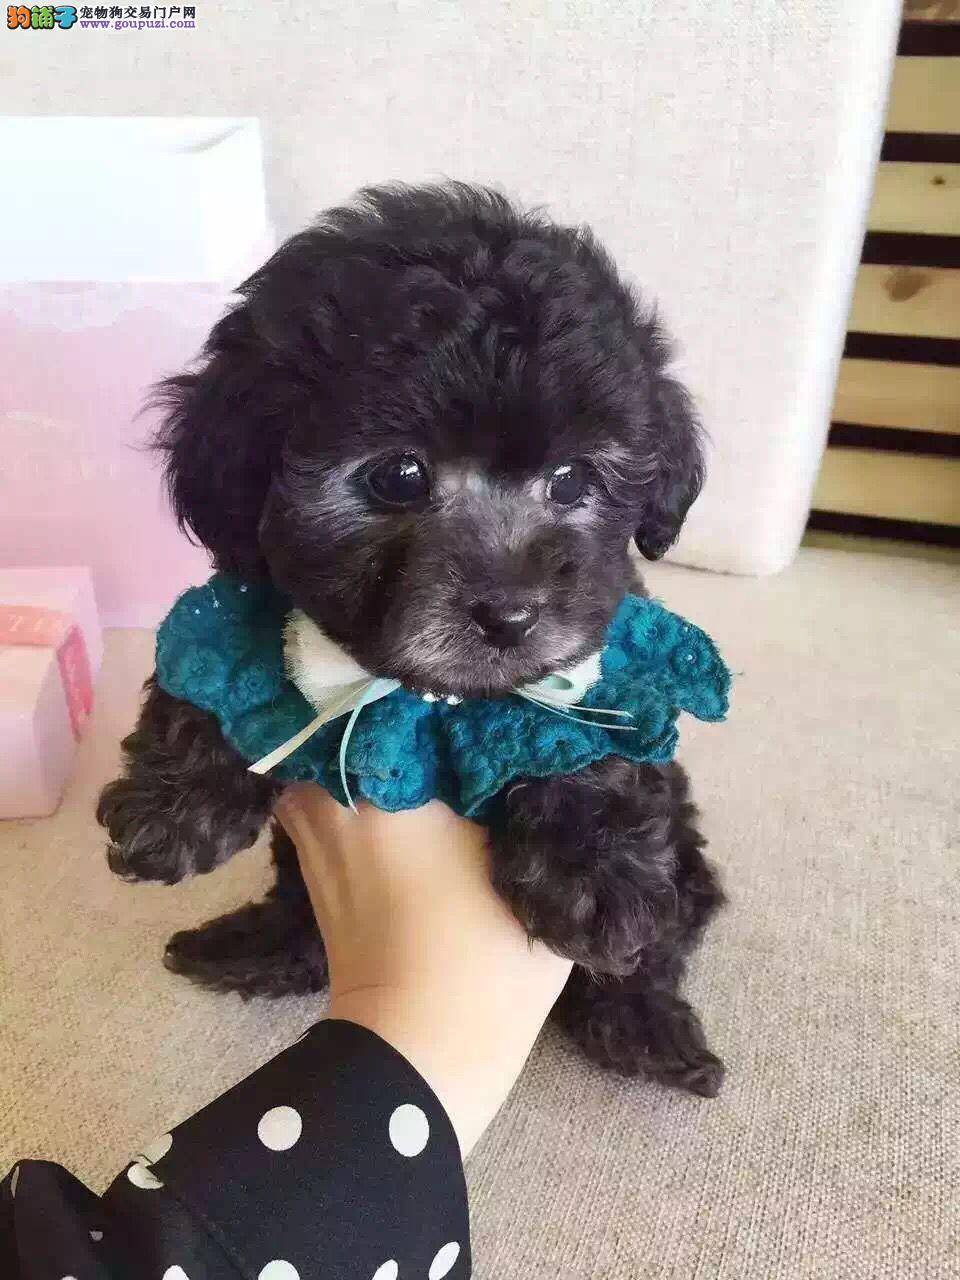 南宁大型培育中心出售多种颜色的泰迪犬 狗贩子绕行1